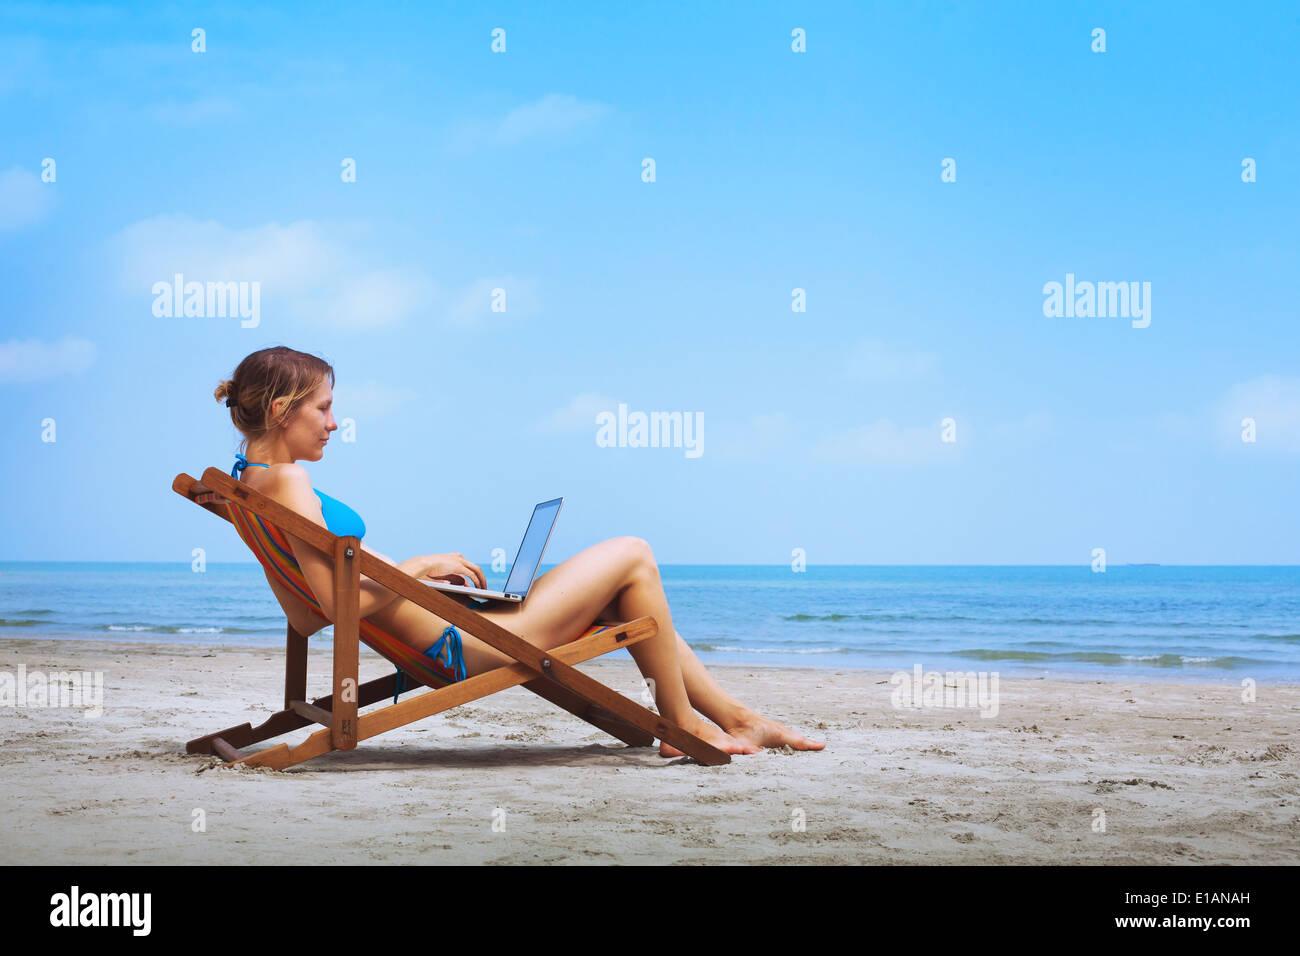 woman in bikini sitting with laptop on the beach - Stock Image